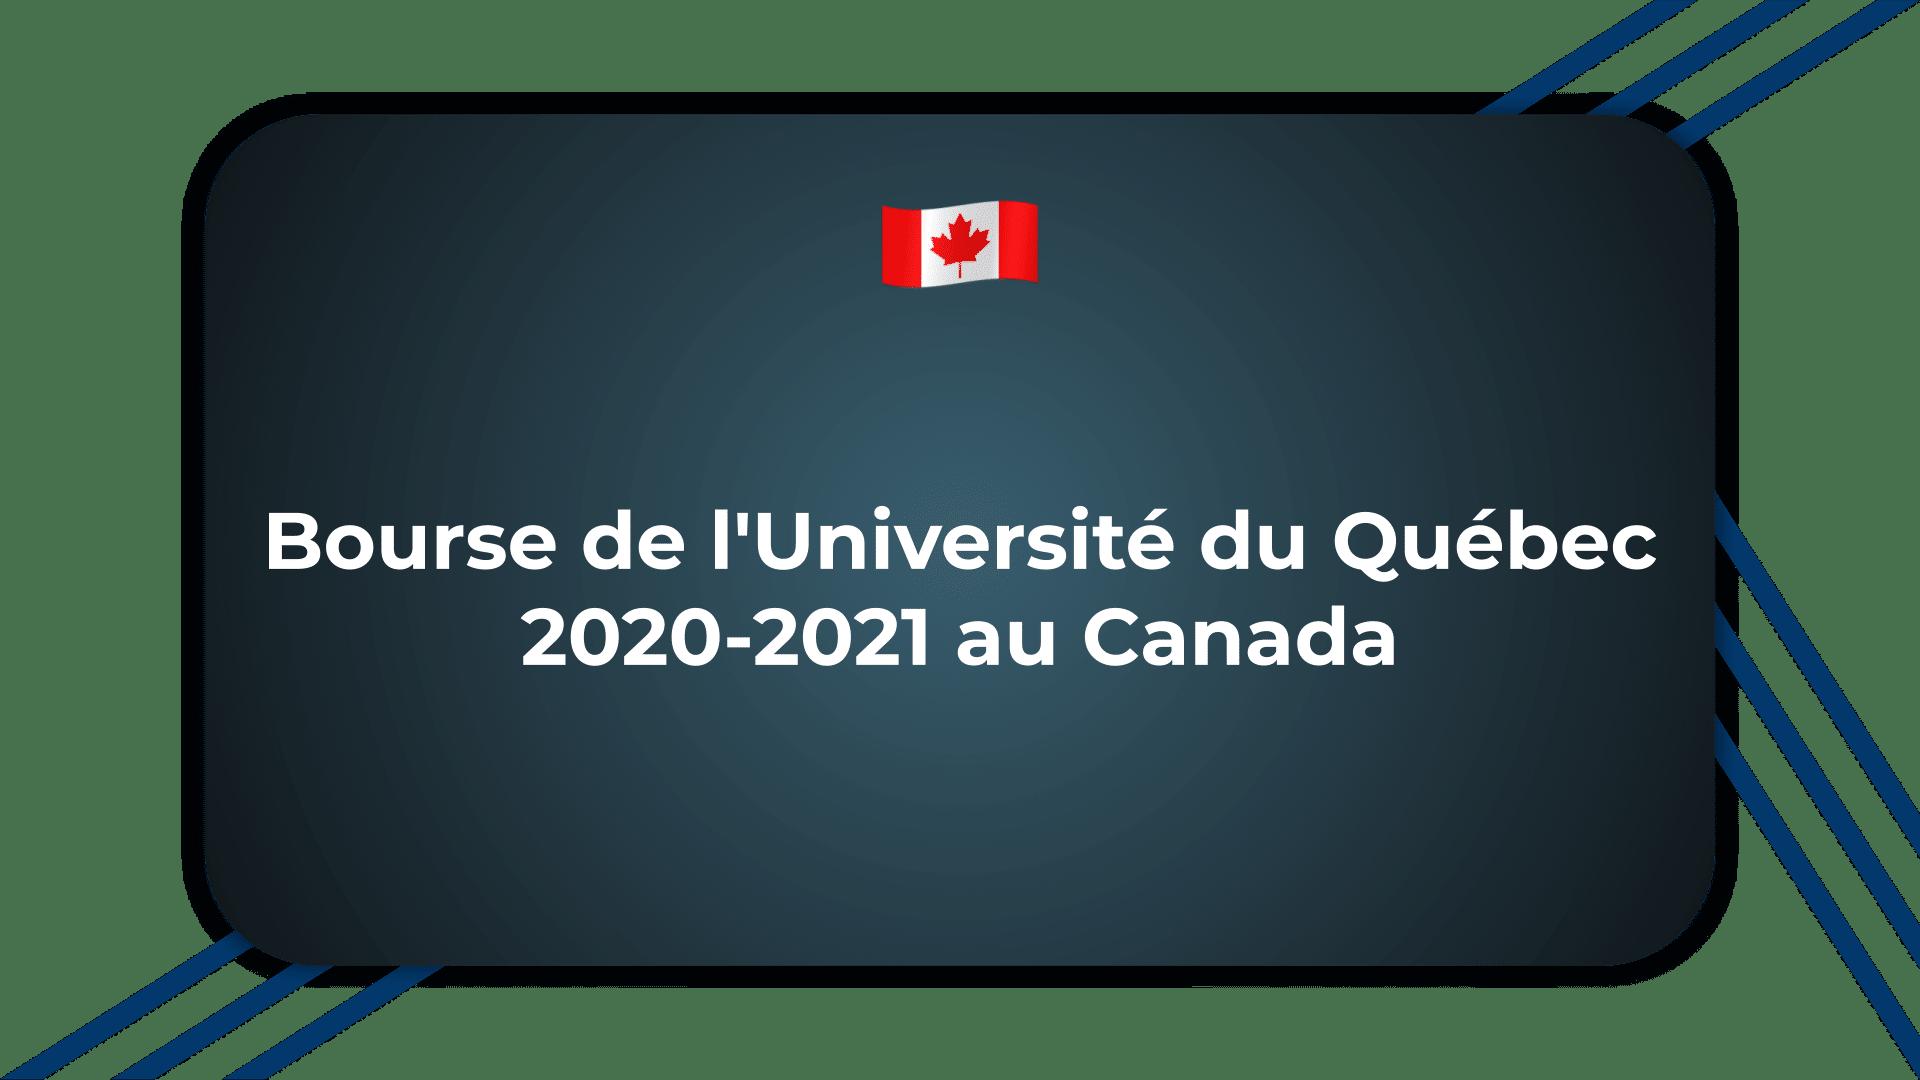 Bourse de l'Université du Québec